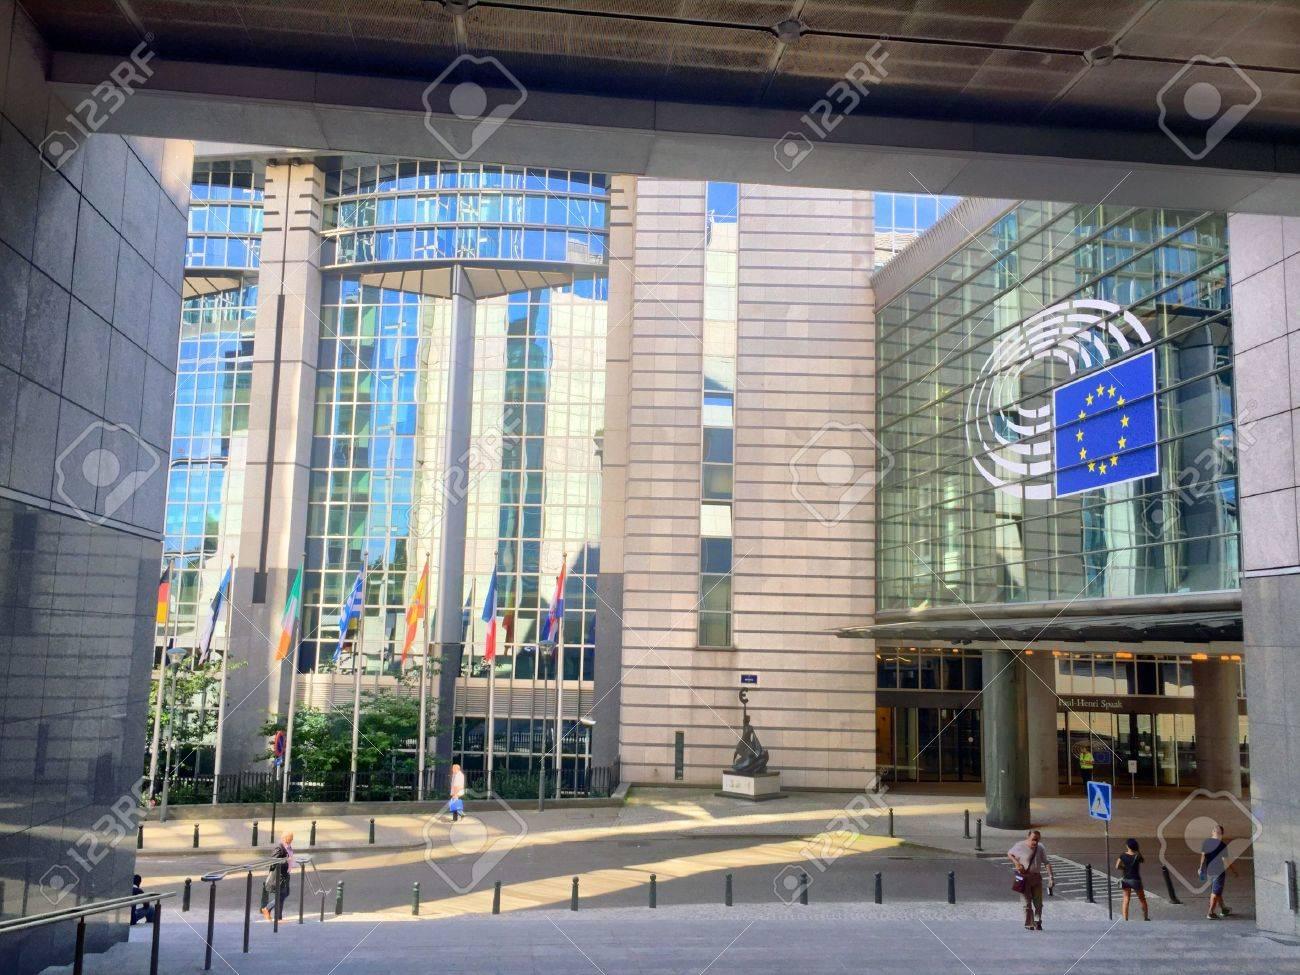 Les immeubles de bureaux au parlement européen dans le quartier